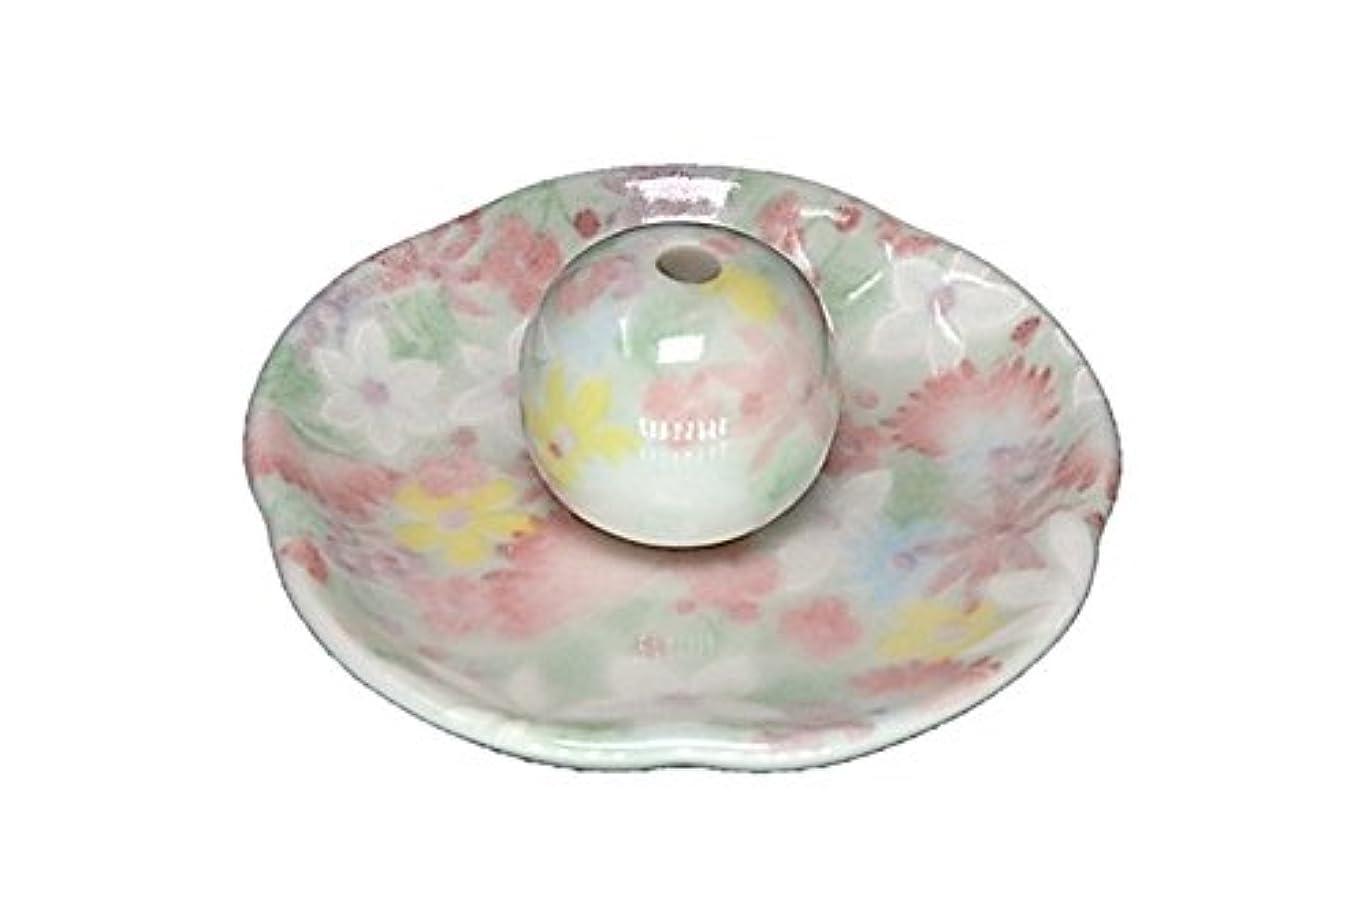 宇宙リード必需品華苑 花形香皿 お香立て 日本製 製造 直売品